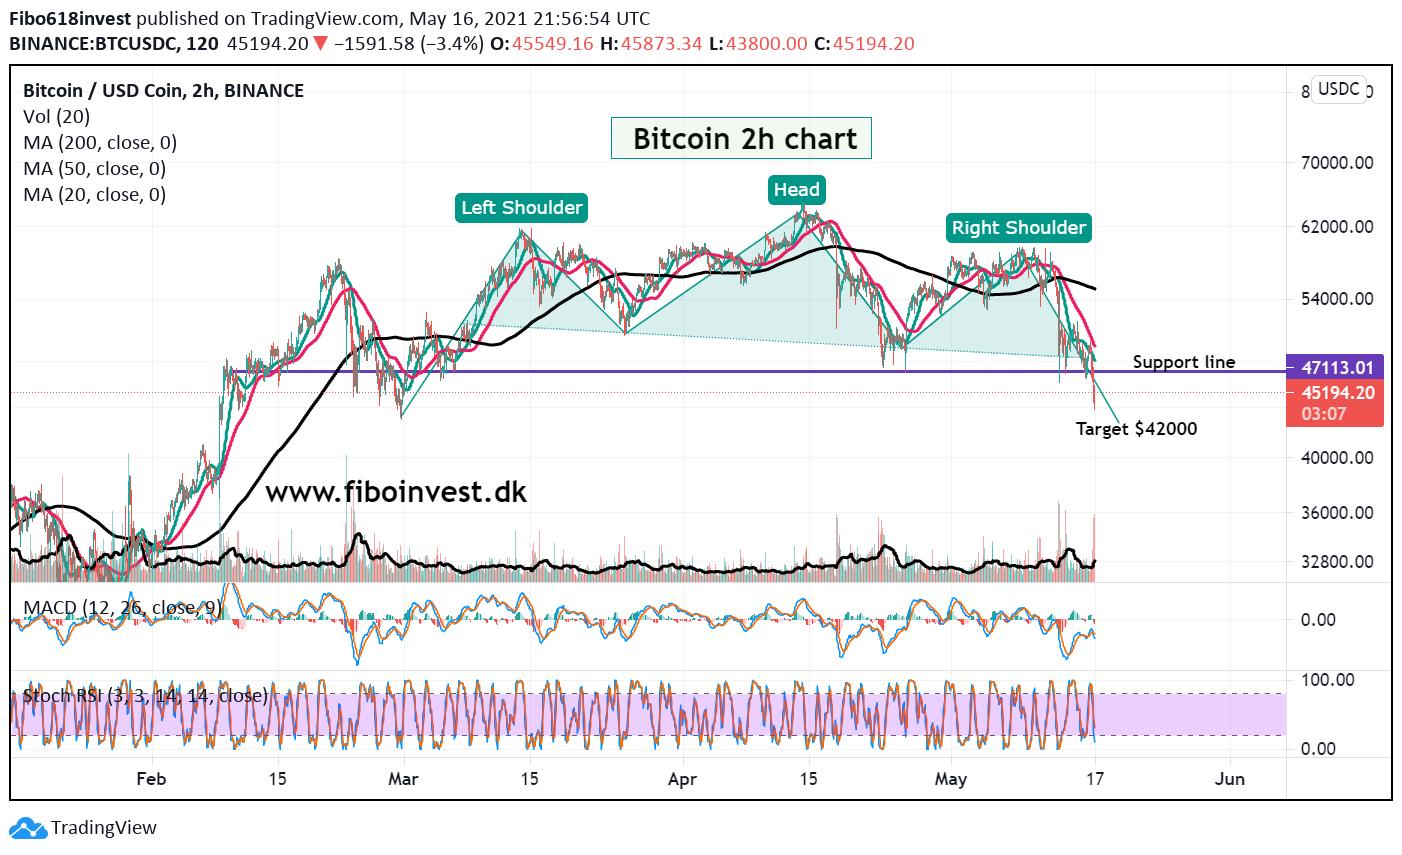 Bitcoin 2H chart 16-05-21